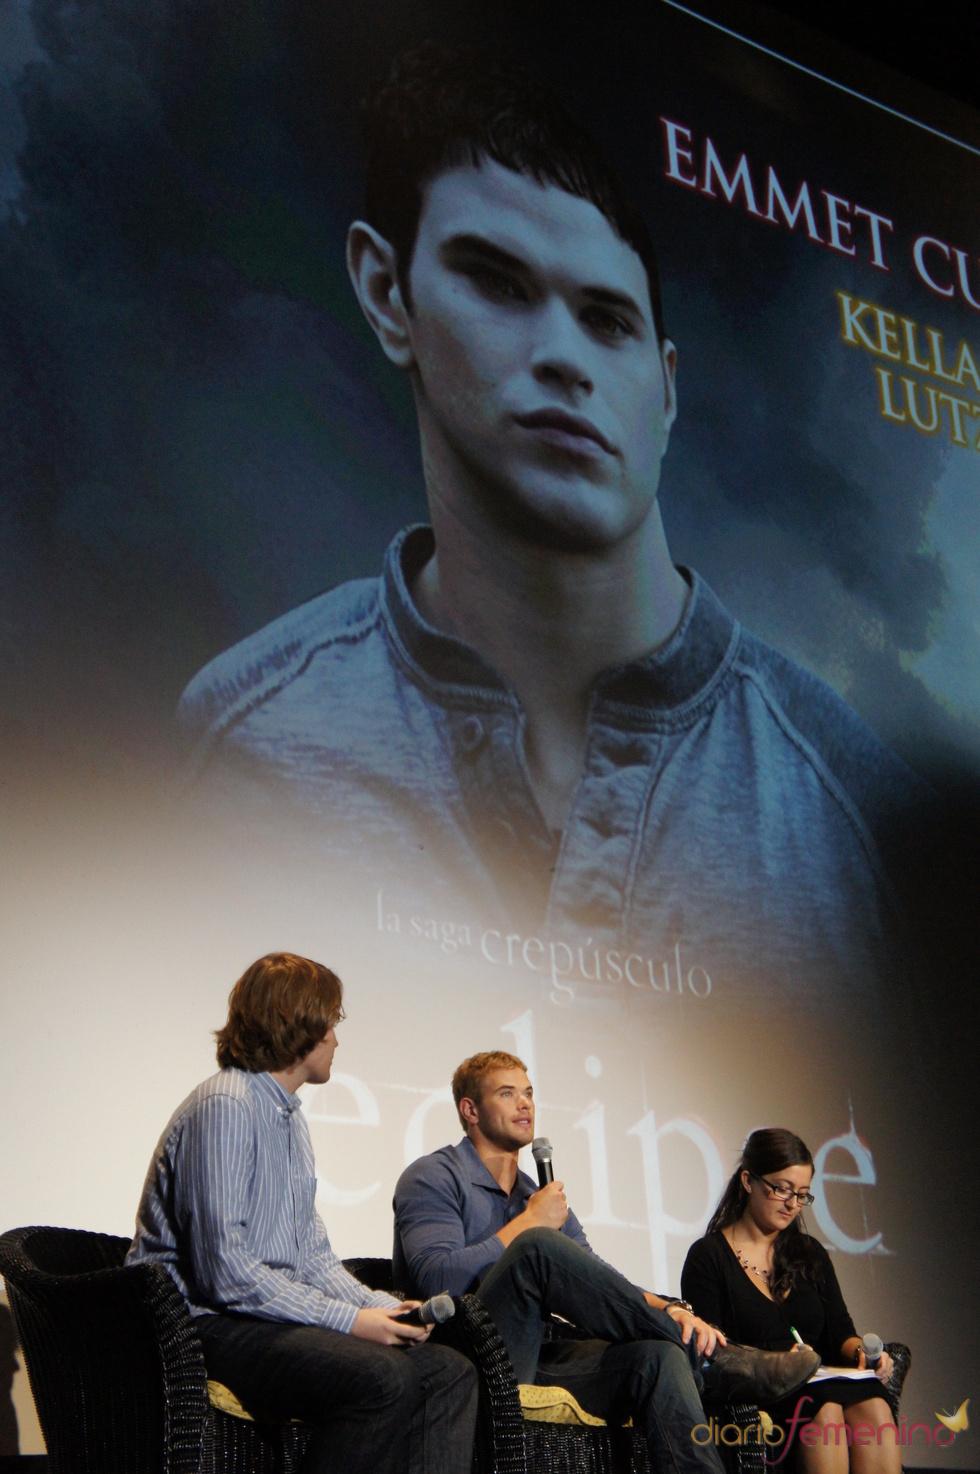 Kellan Lutz presenta el DVD de 'Eclipse' en Sitges